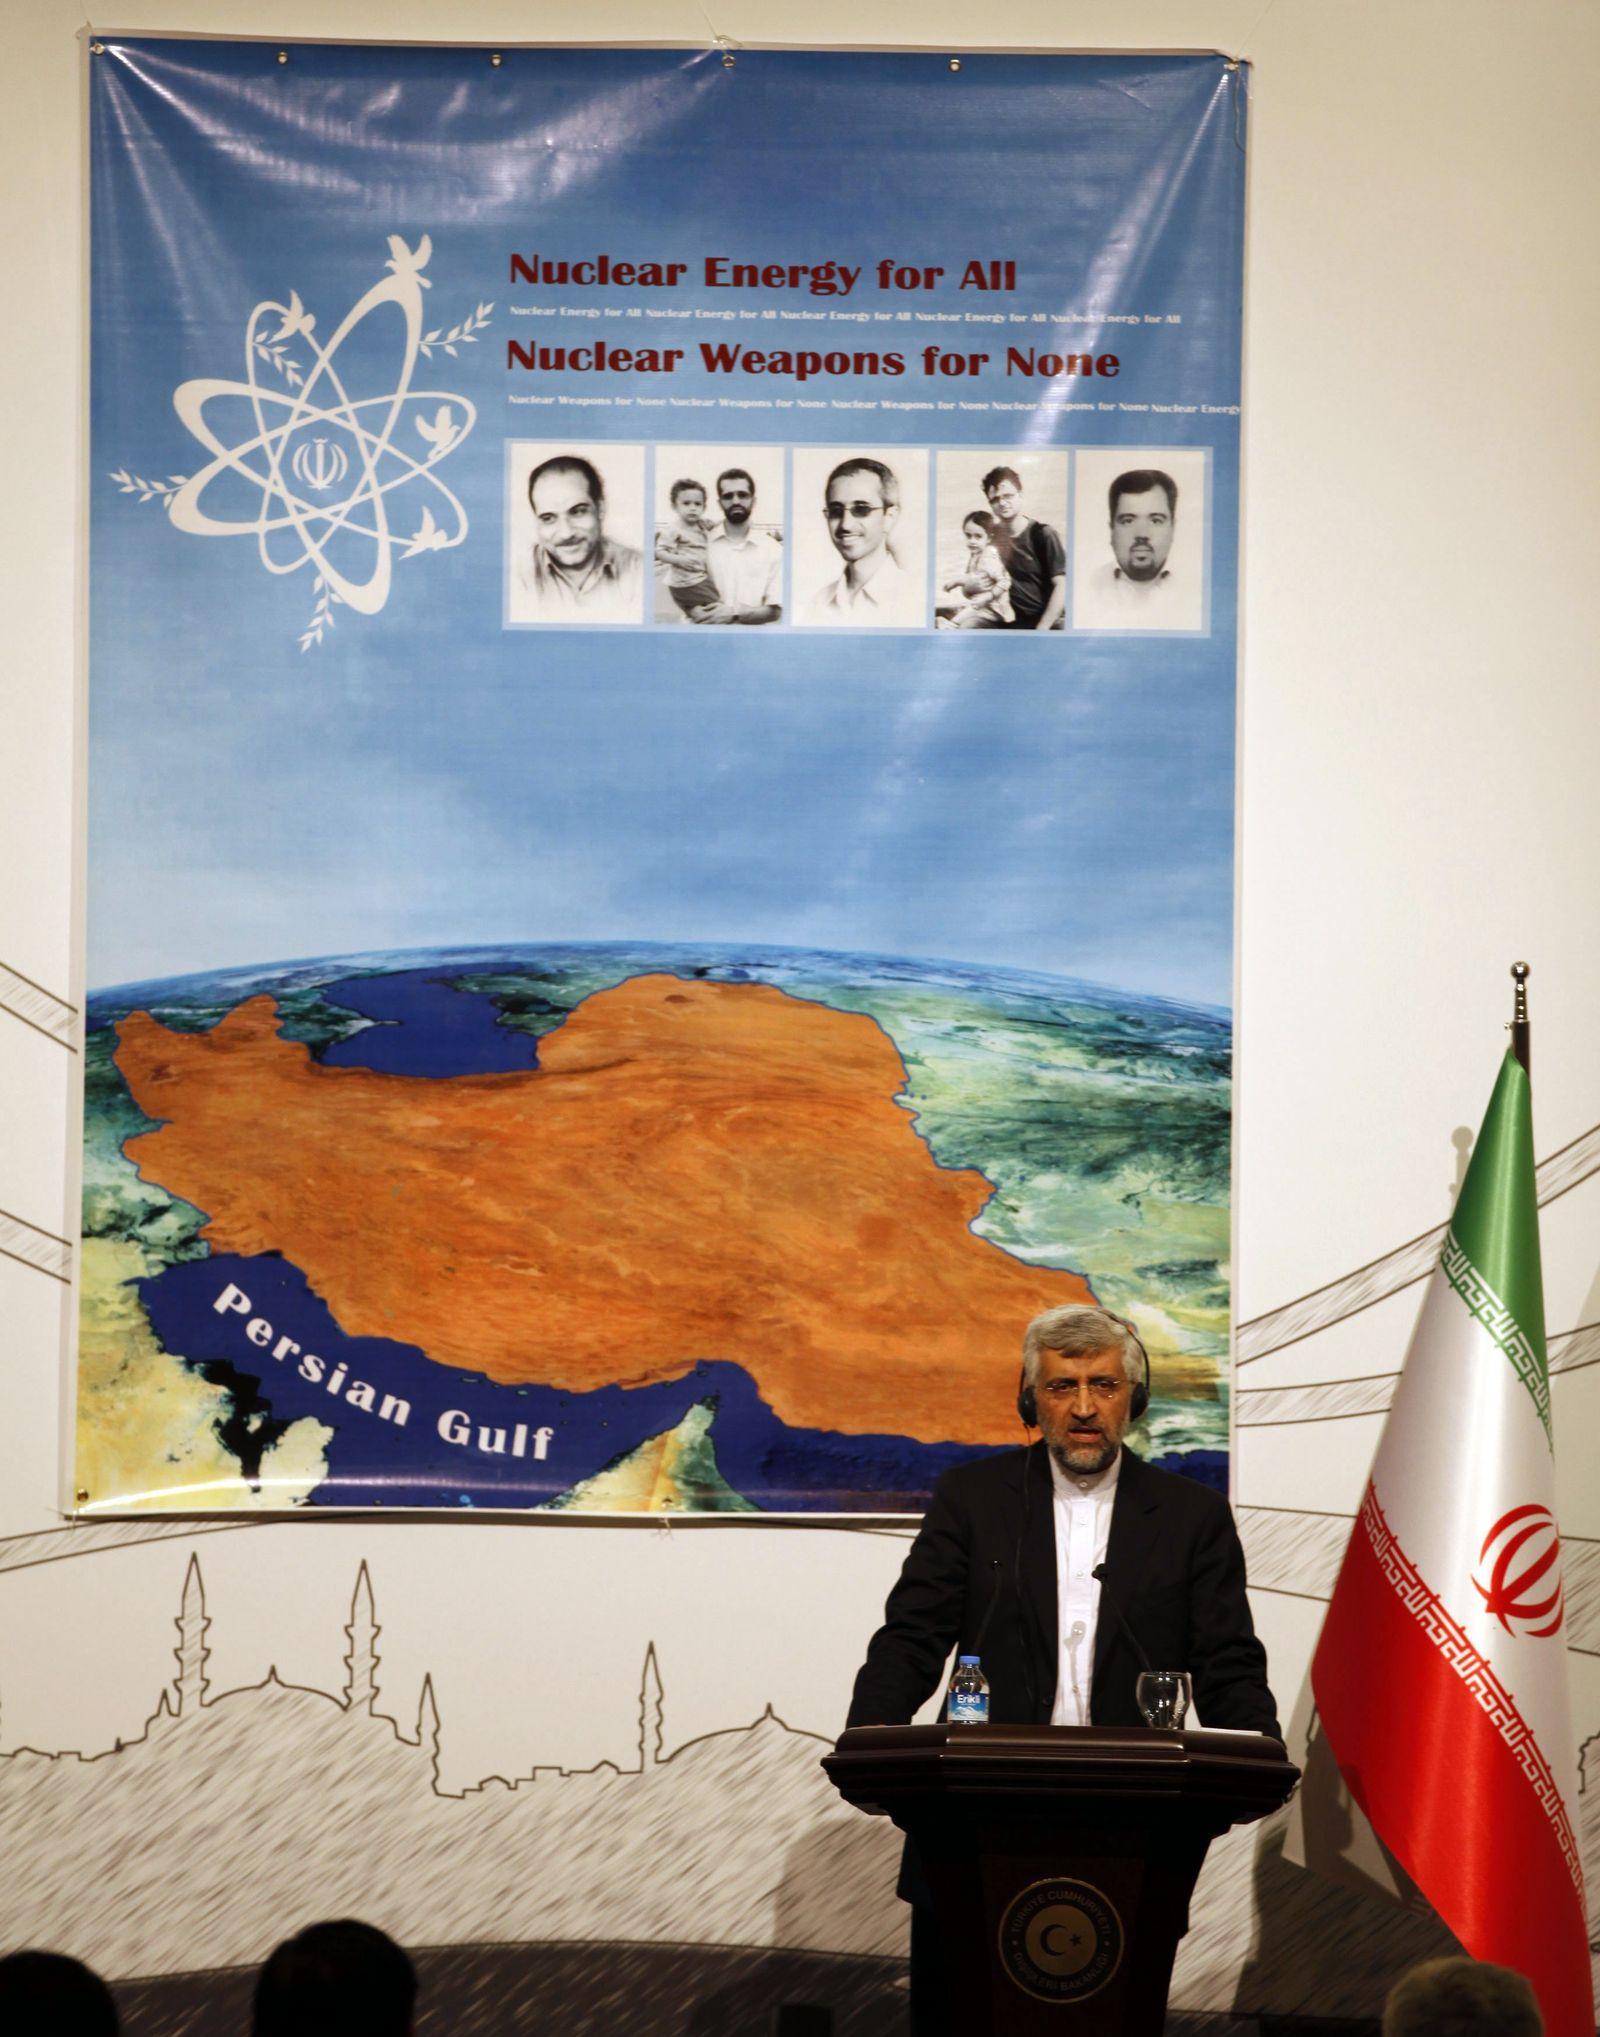 Saeed Jalili Atomgespräche mit Iran